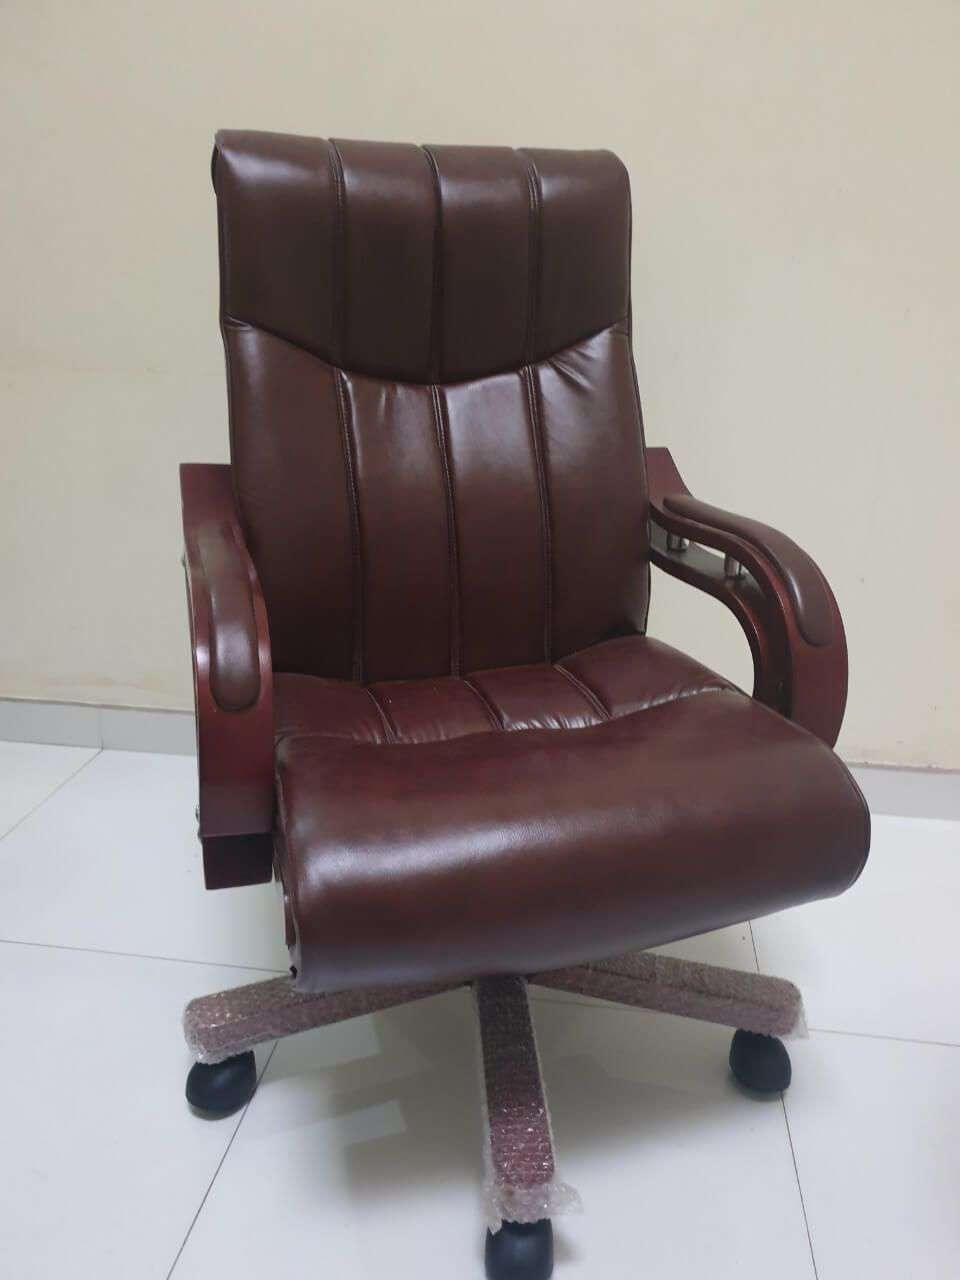 Ghế giám đốc nhập khẩu – Mã : 825A